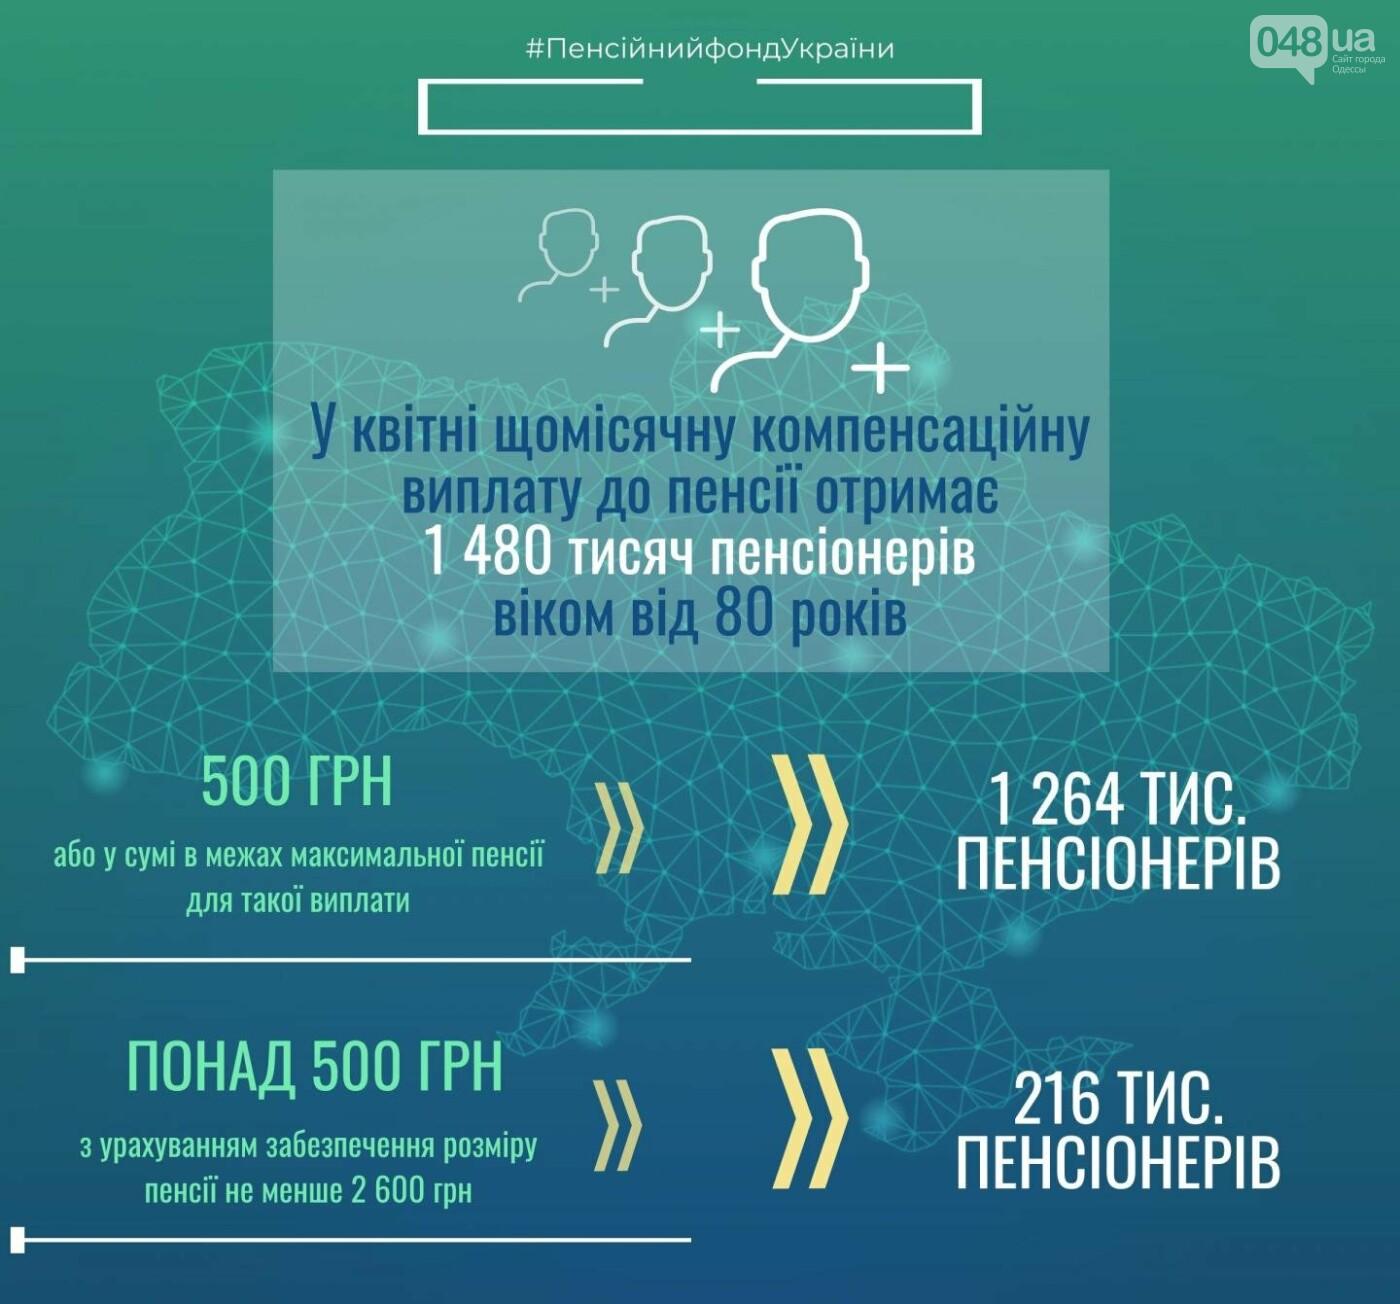 Одесские пенсионеры старше 80 лет получают ежемесячные доплаты к пенсиям, - ОПРОС, фото-1